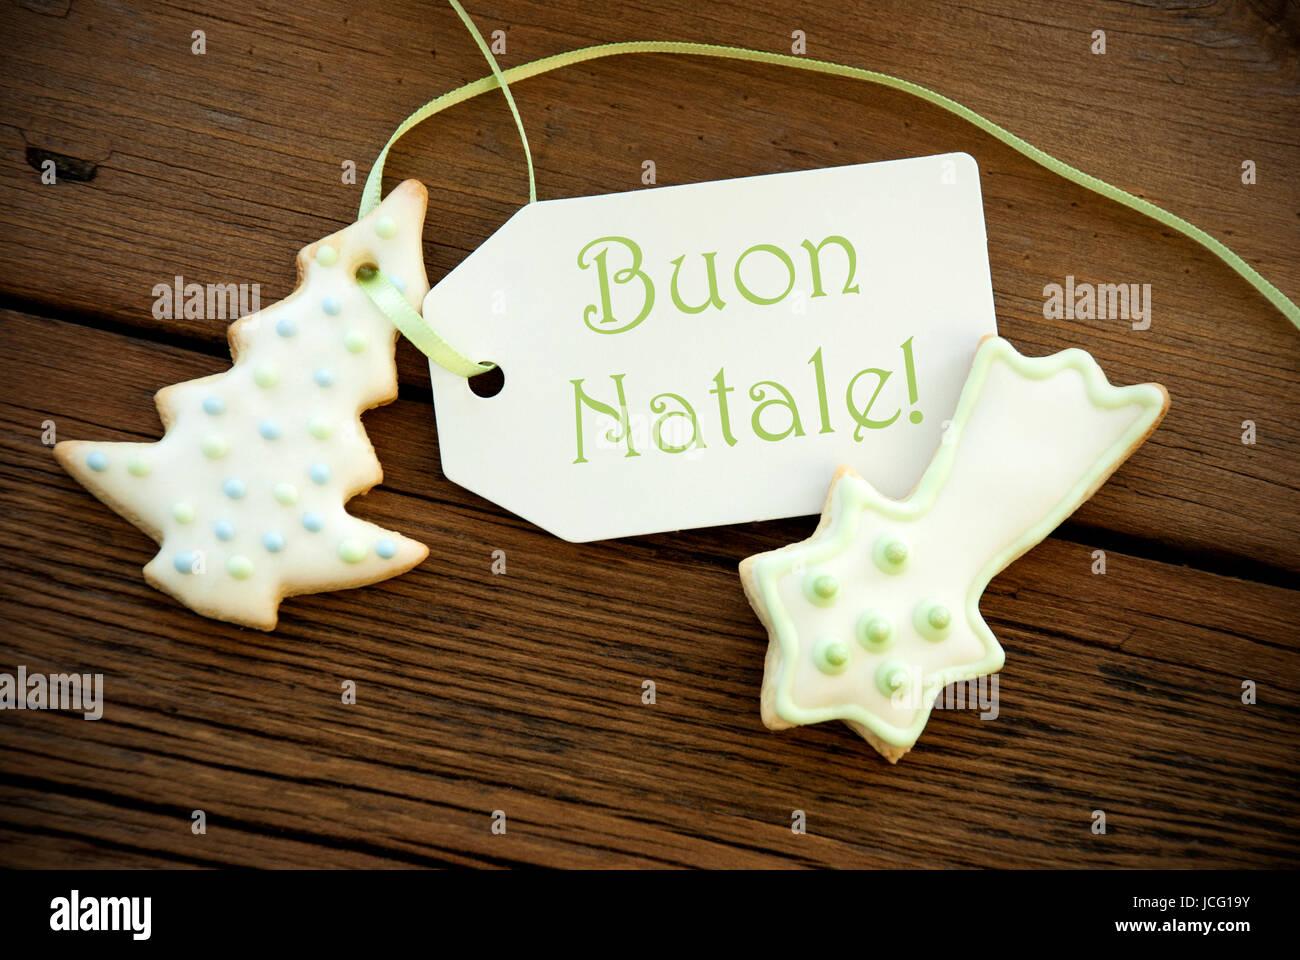 Buon Natale Que Significa.Le Parole Italiane Buon Natale Che Significa Buon Natale Su Di Una